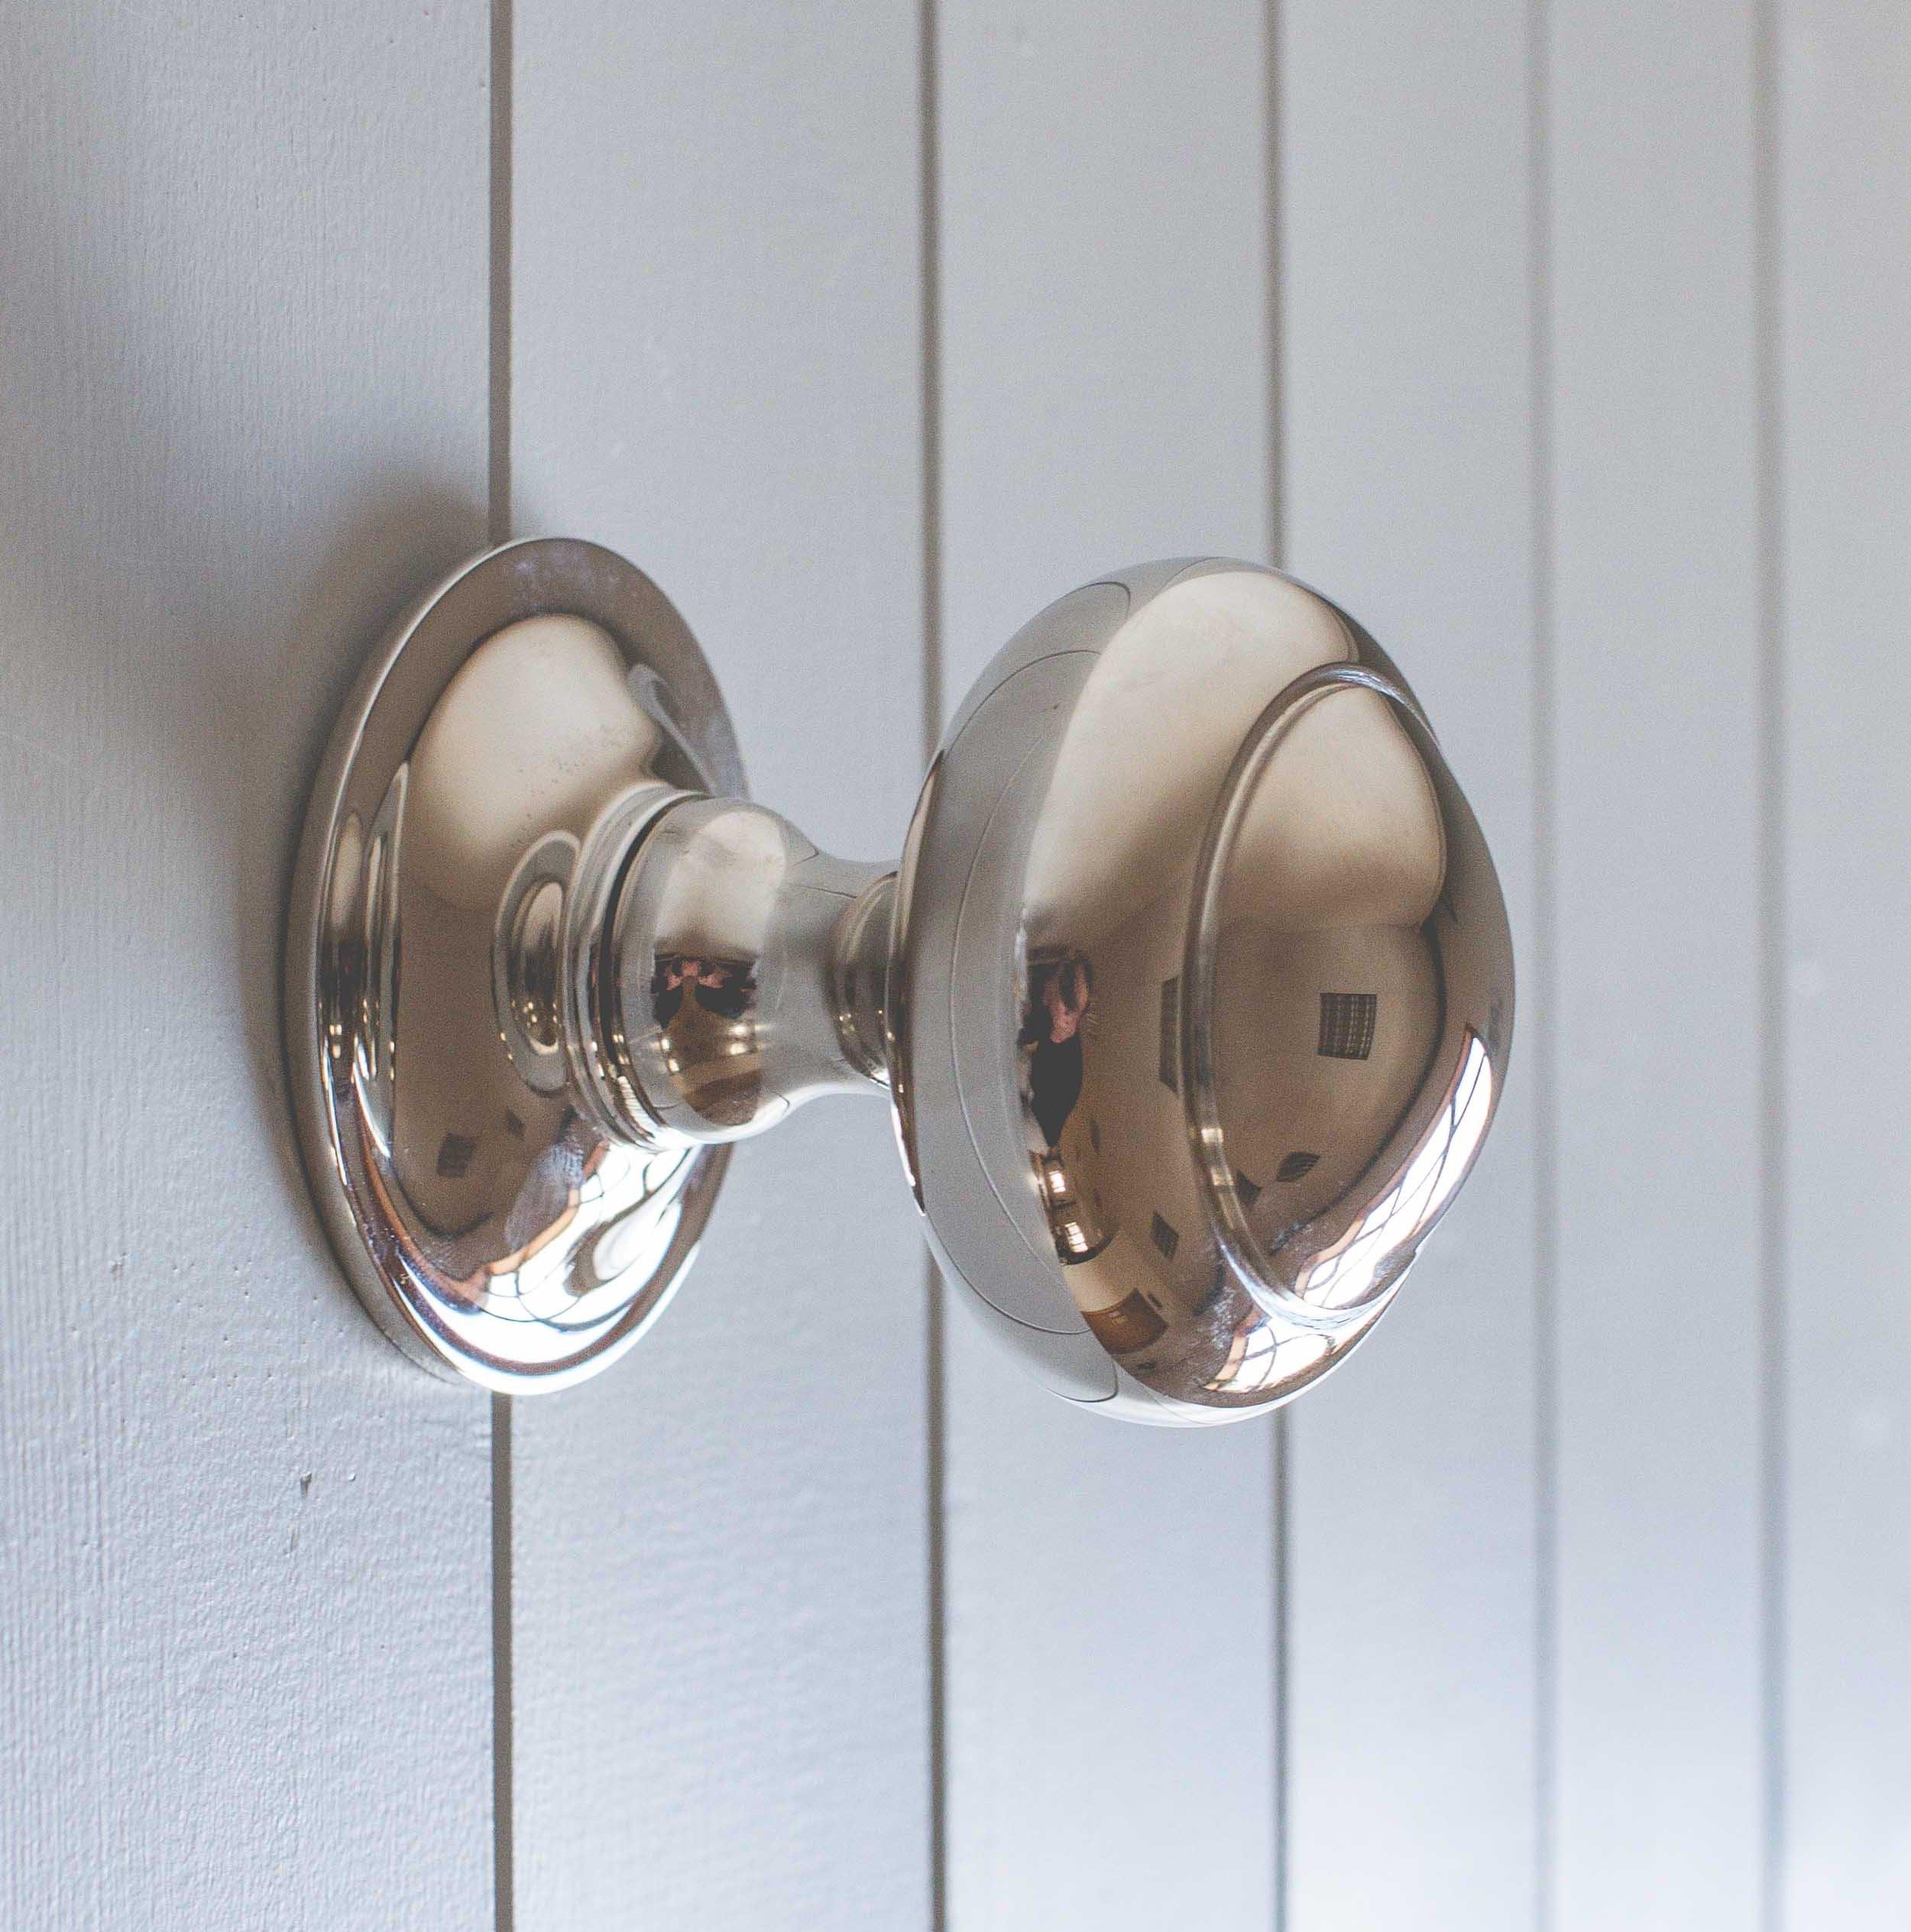 Circular Door Pull - Polished Nickel